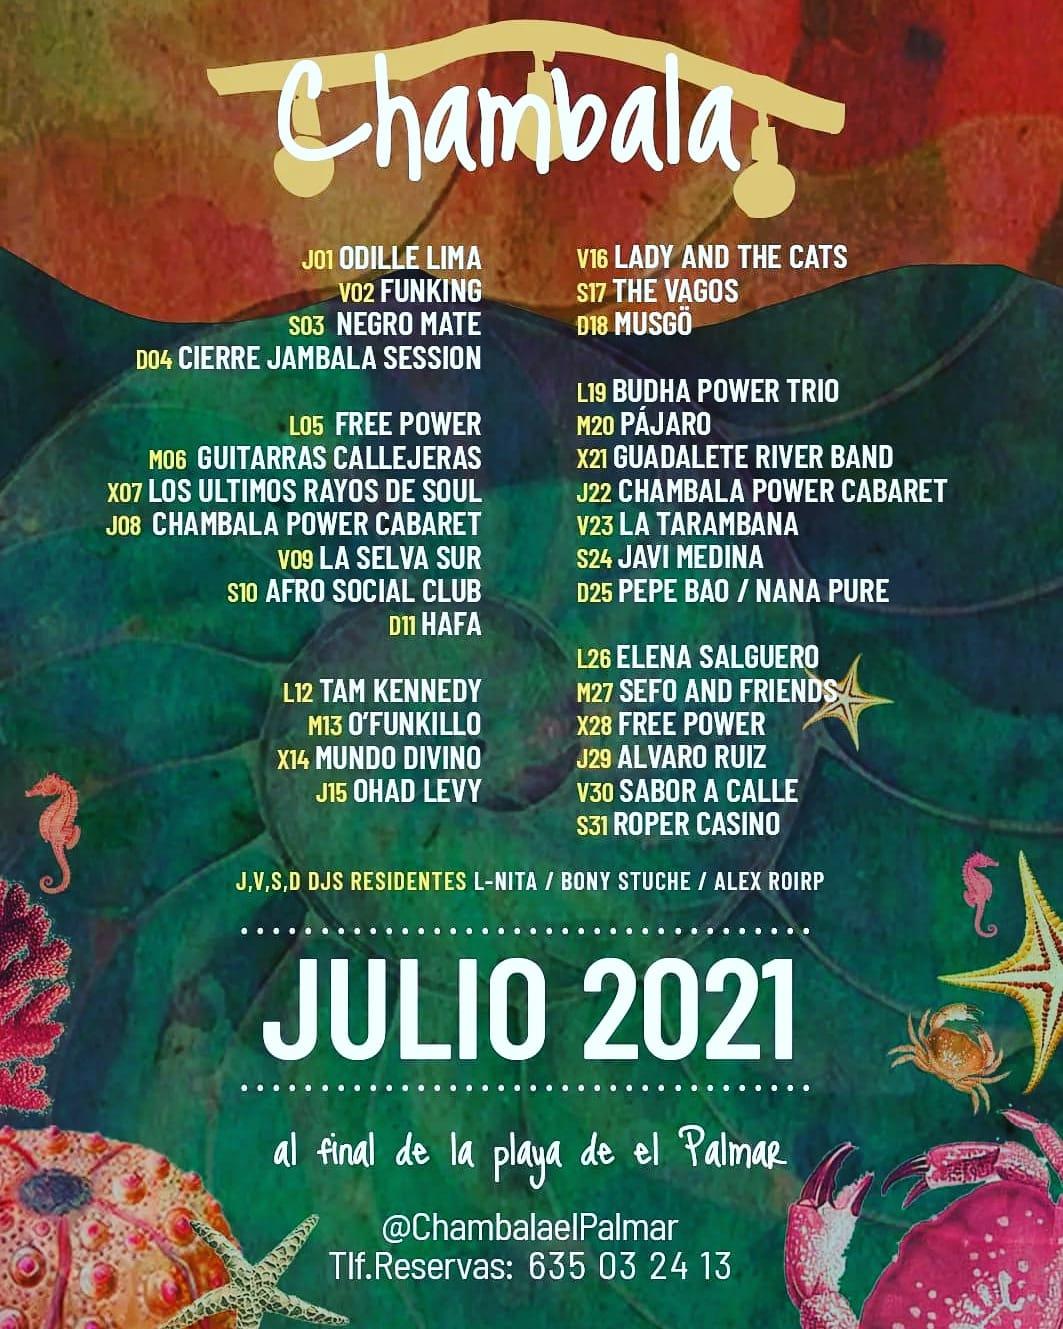 Programación actuaciones en directo - Julio 2021 en Chambala El Palmar